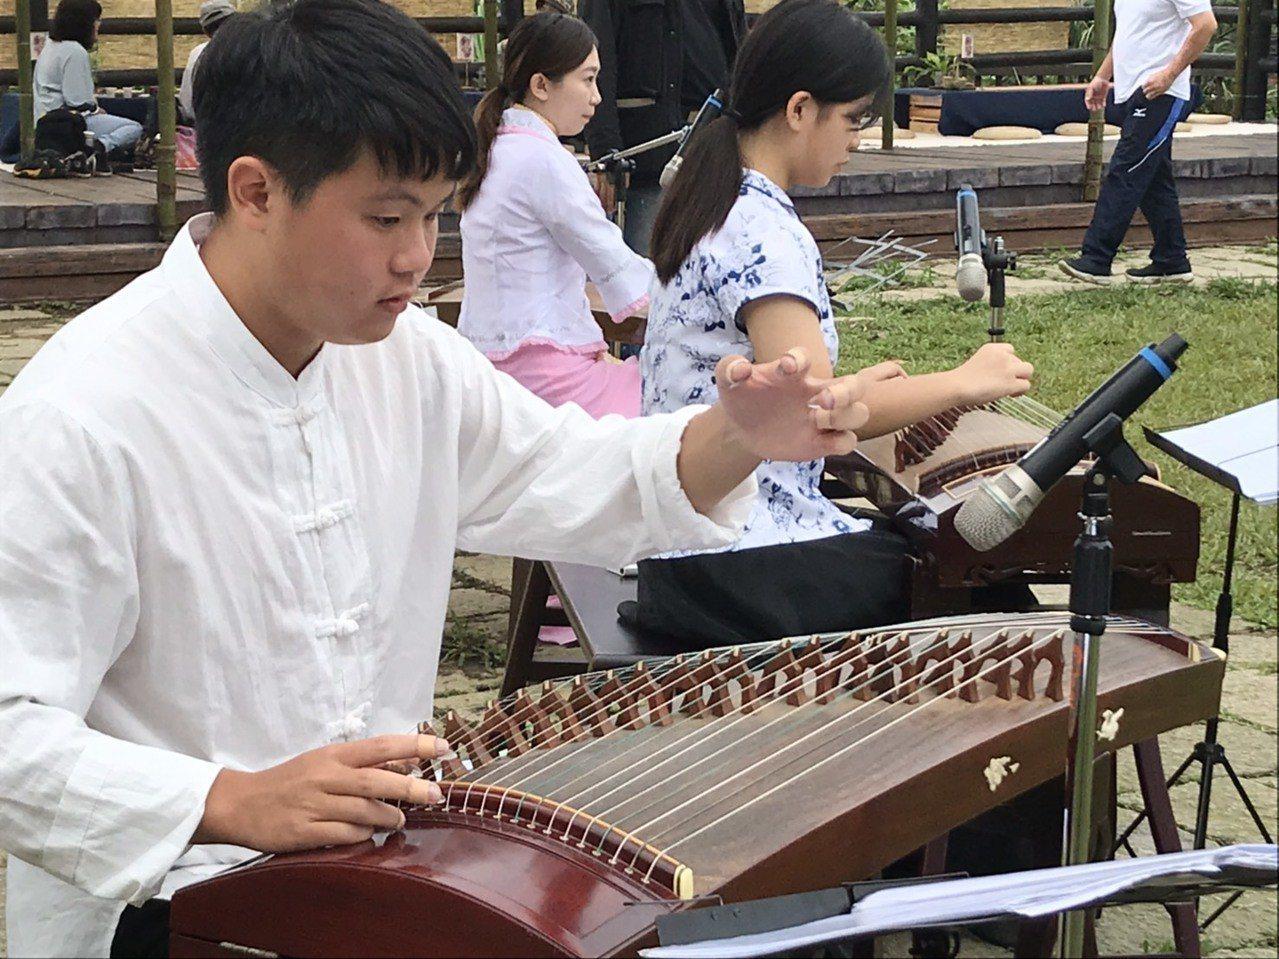 三芝的芝心箏樂團帶來精彩的國樂演奏表演。圖/主辦單位提供